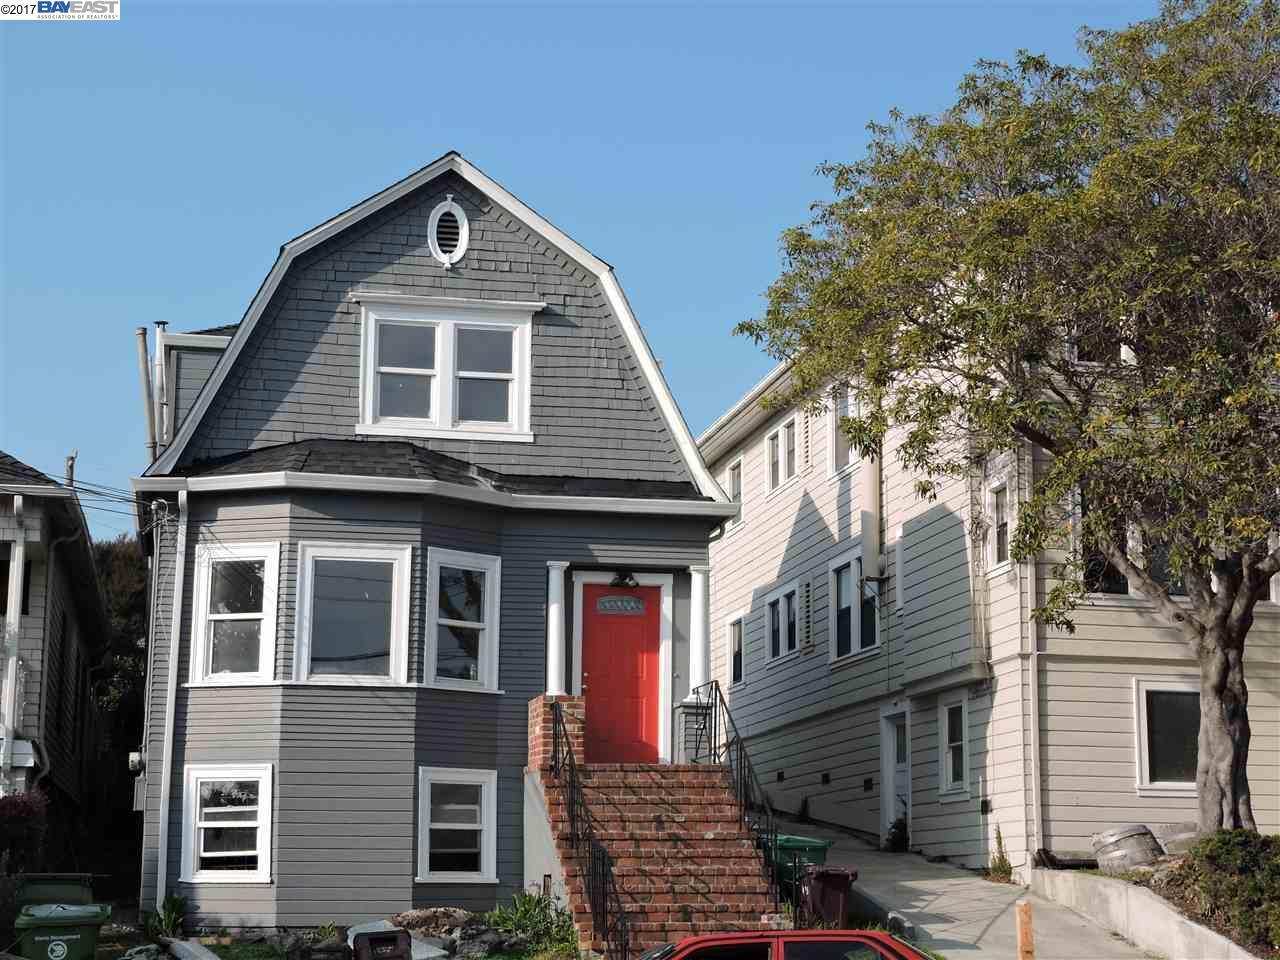 多戶家庭房屋 為 出售 在 4373 Howe Street 4373 Howe Street Oakland, 加利福尼亞州 94611 美國